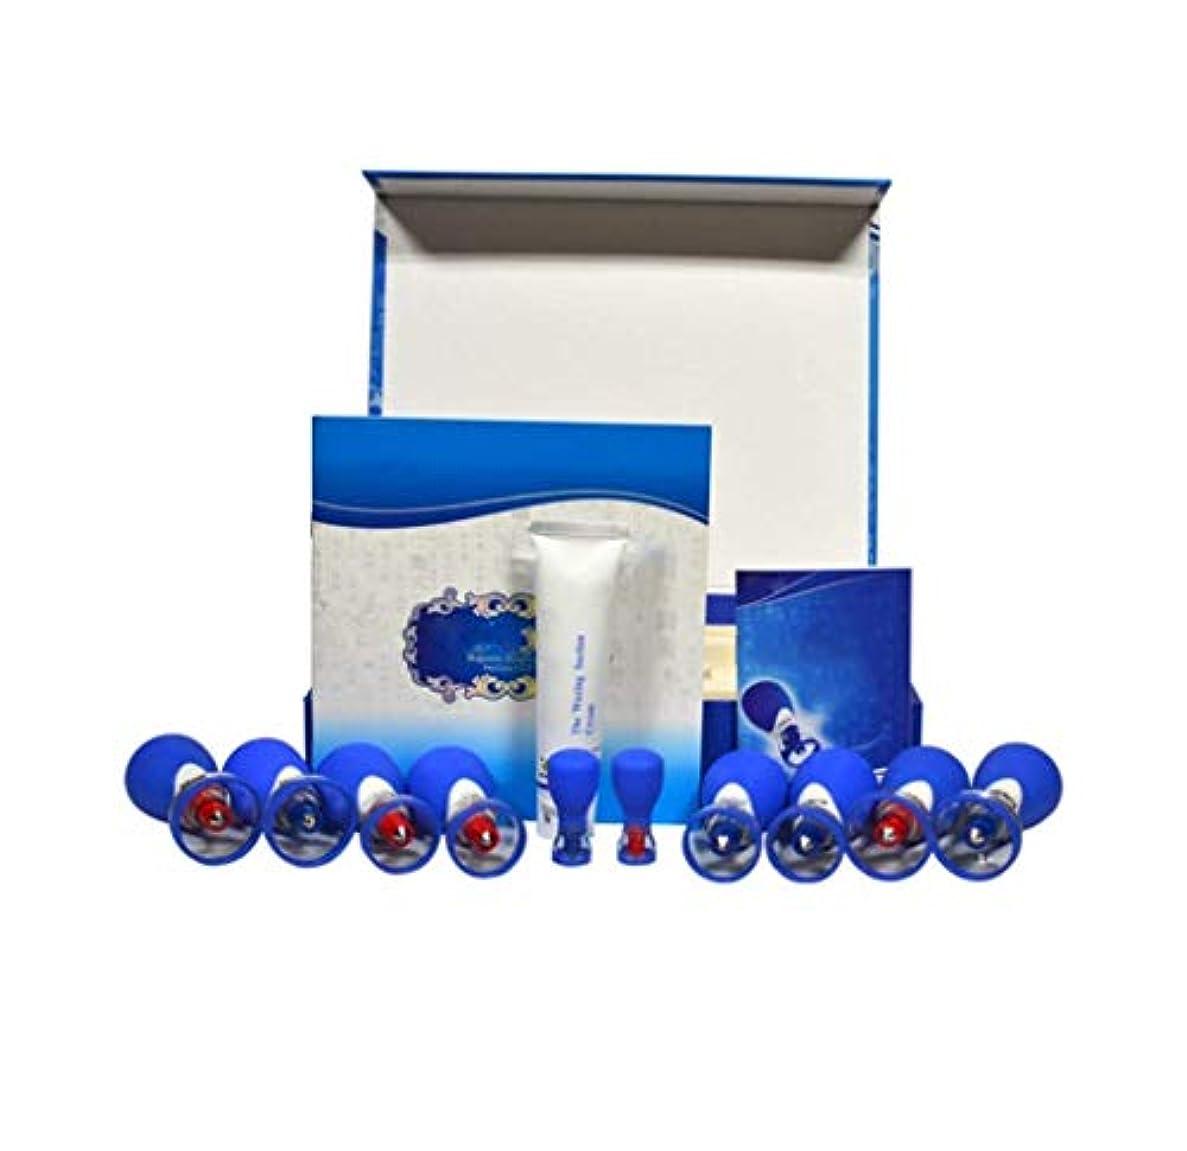 昇るグリーンバック同行磁気カッピング、10カップ磁気指圧吸引カッピングセット、マッサージ筋肉関節痛の軽減